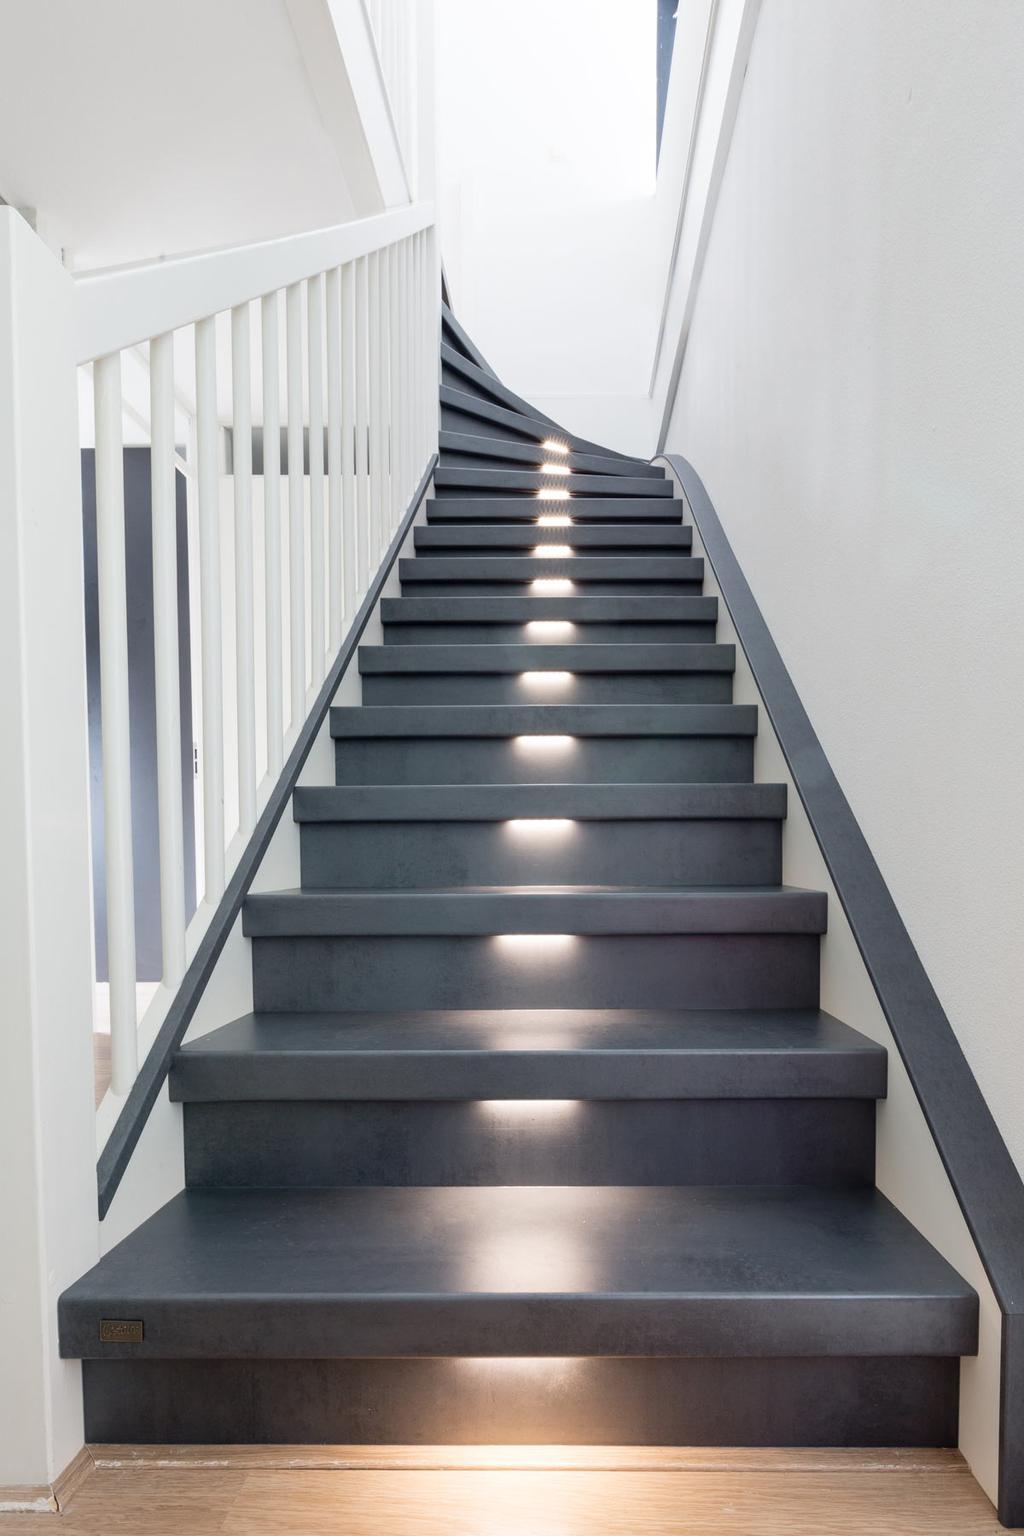 Blauwstalen trap met verlichting